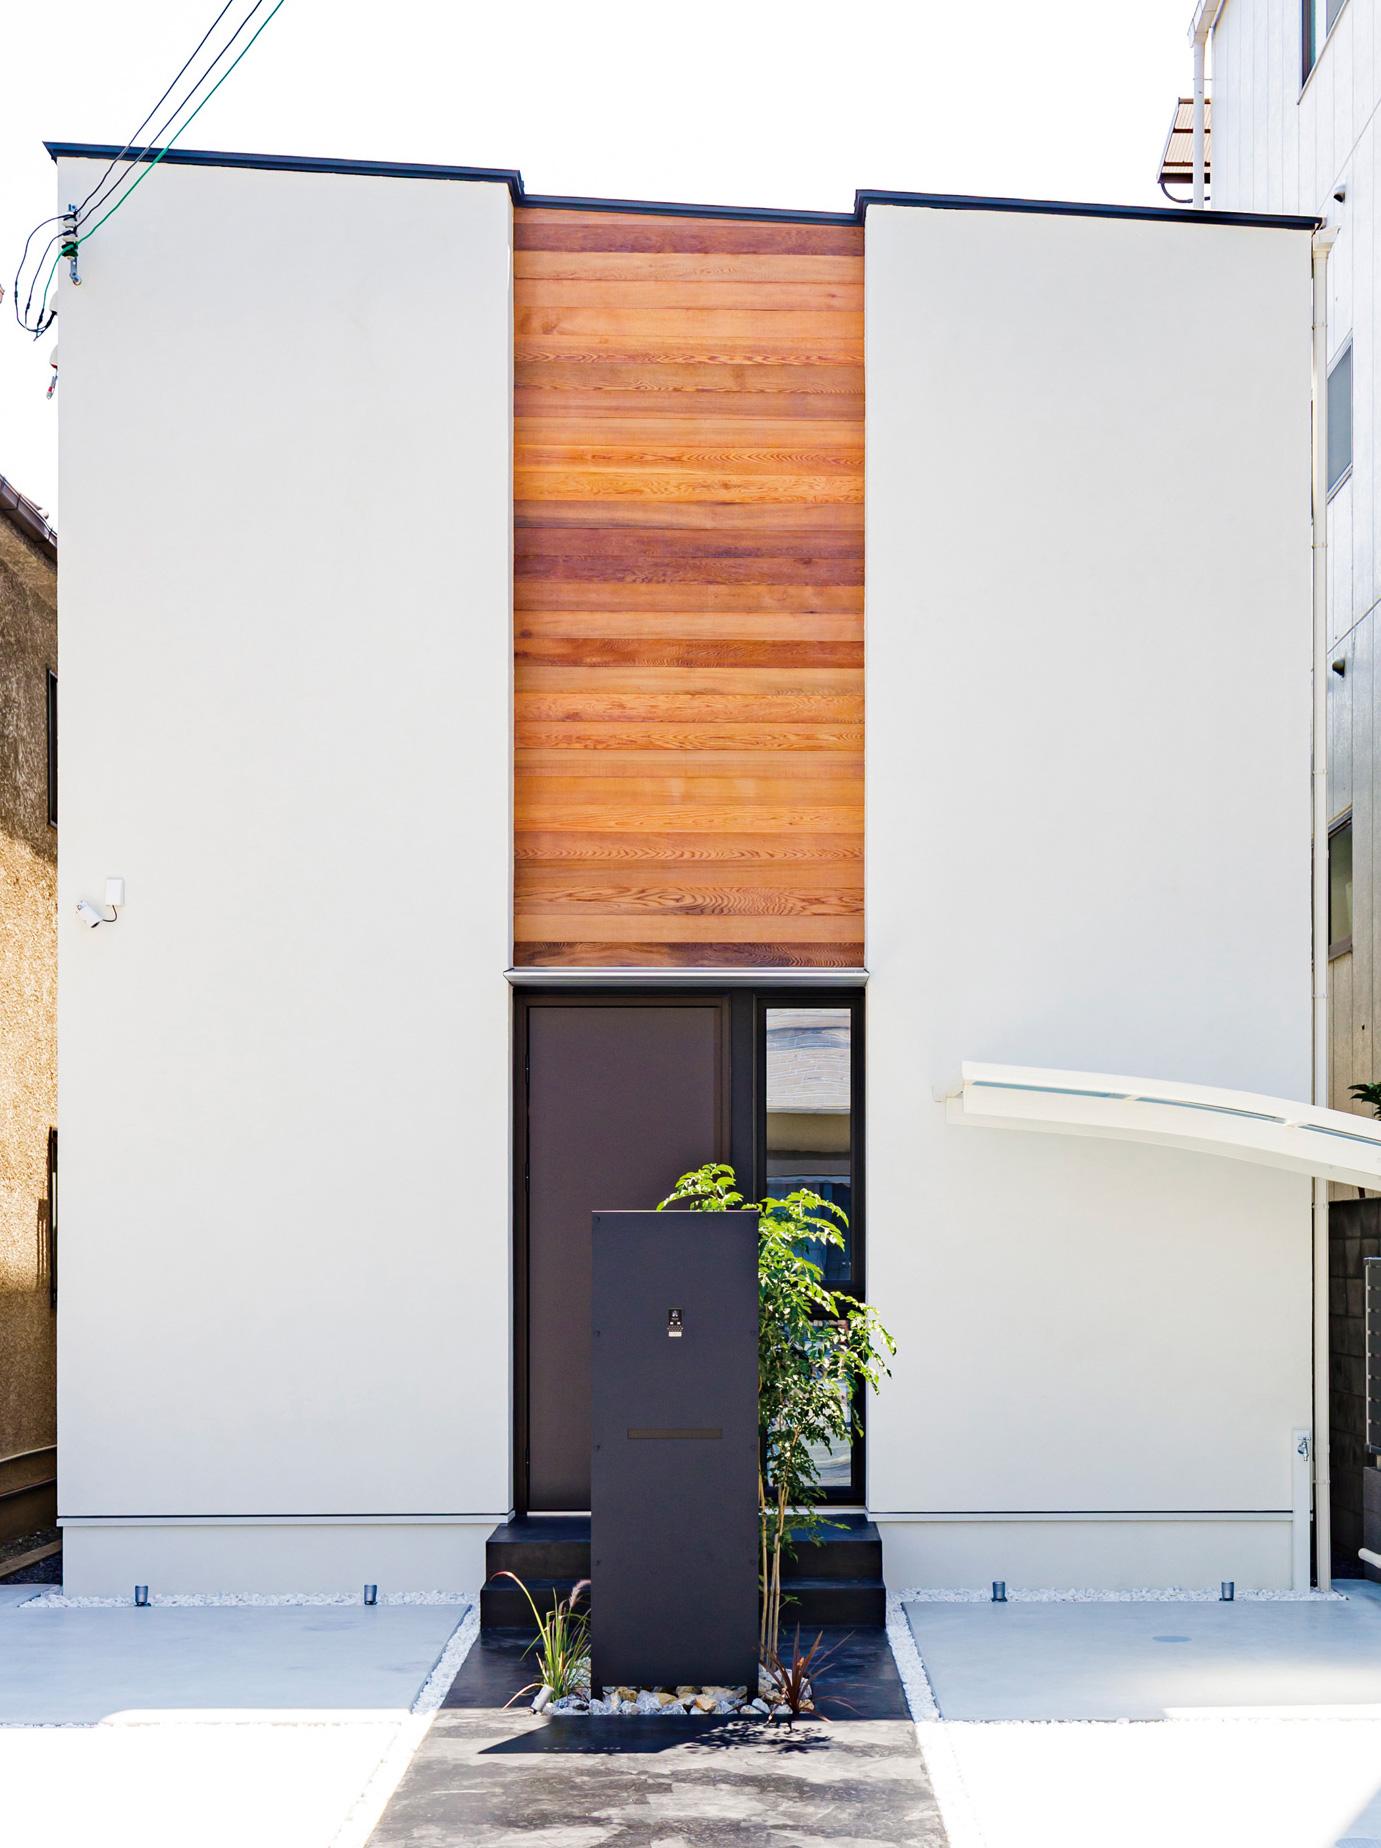 リビングと庭がつながる明るい家 画像1